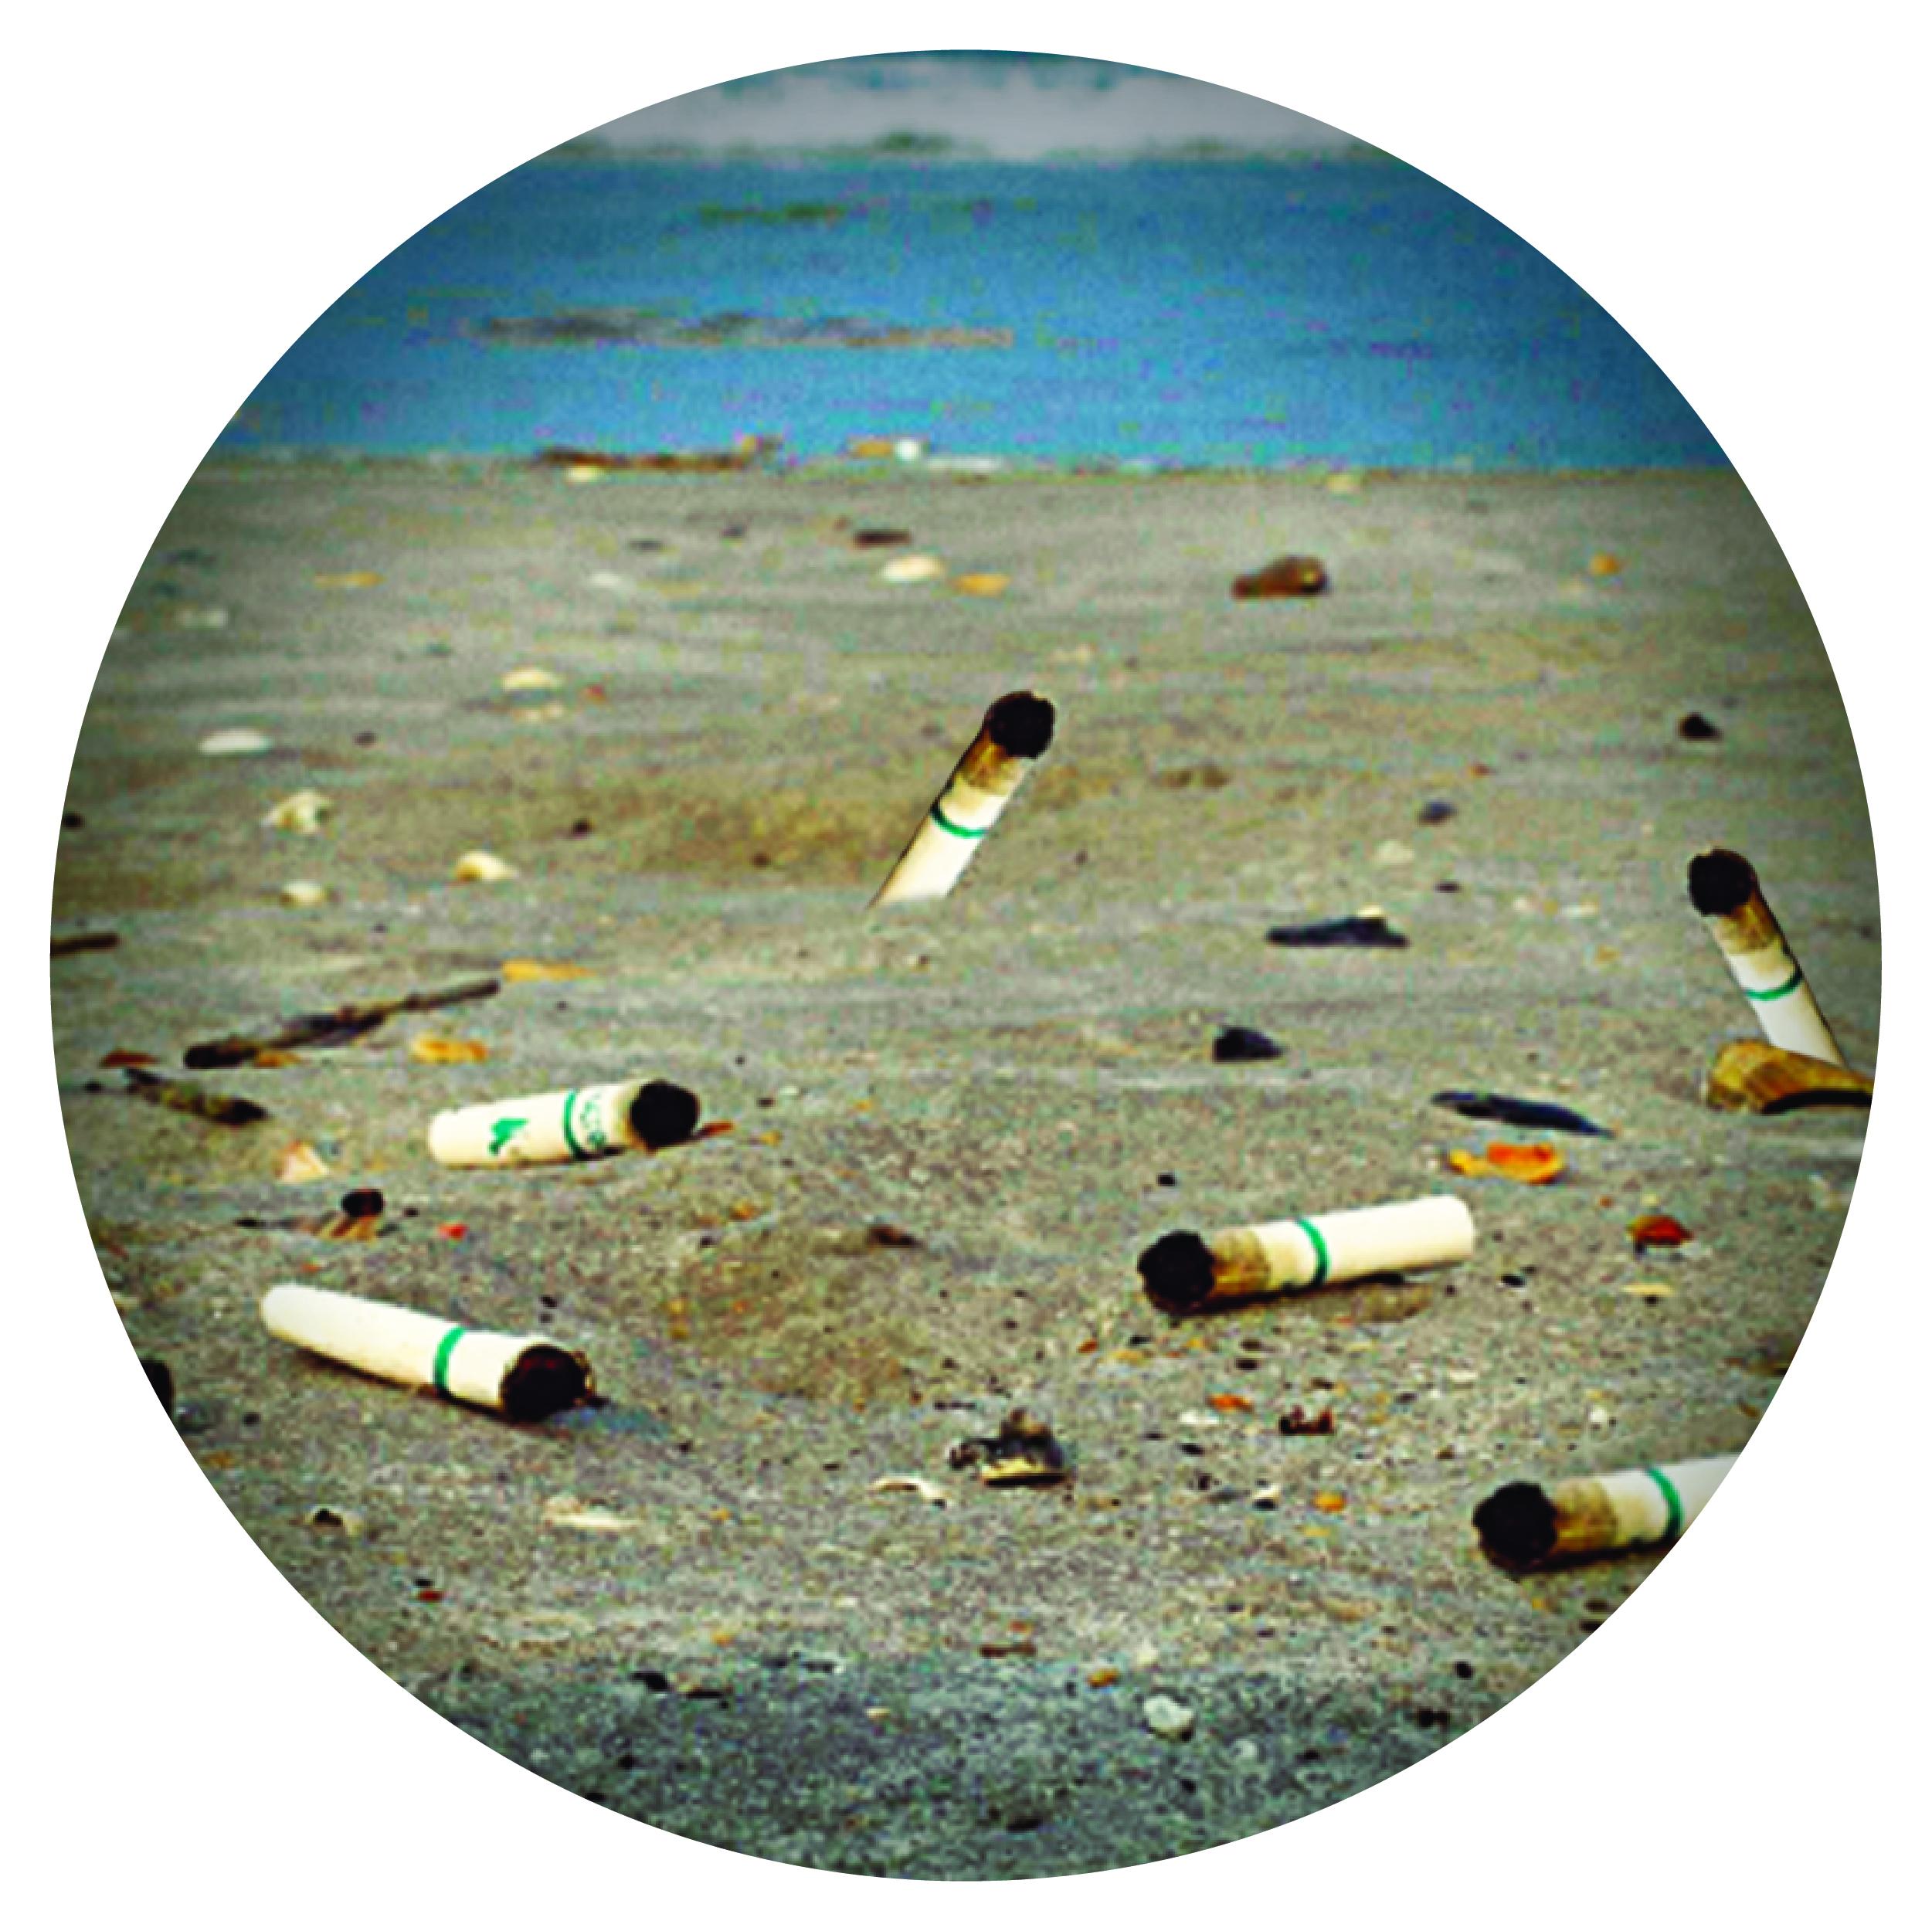 Una colilla contiene 43 sustancias cancerígenas que contaminan 50 litros de agua.